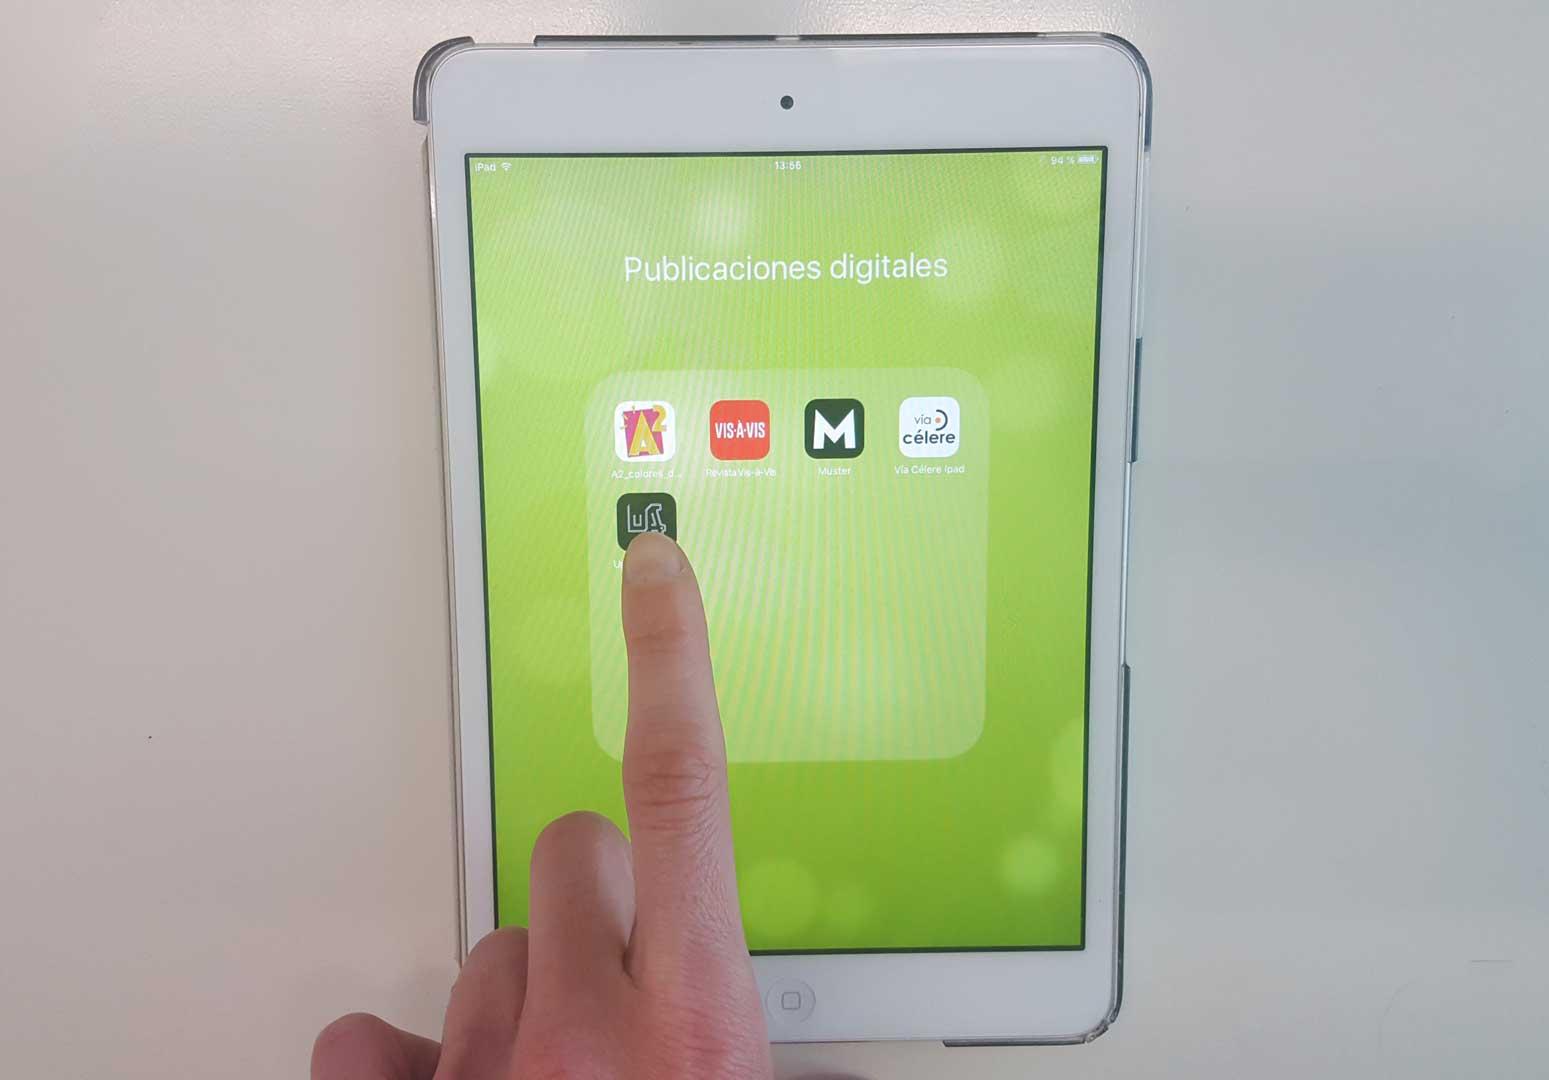 ventajas-publicaciones-digitales-app